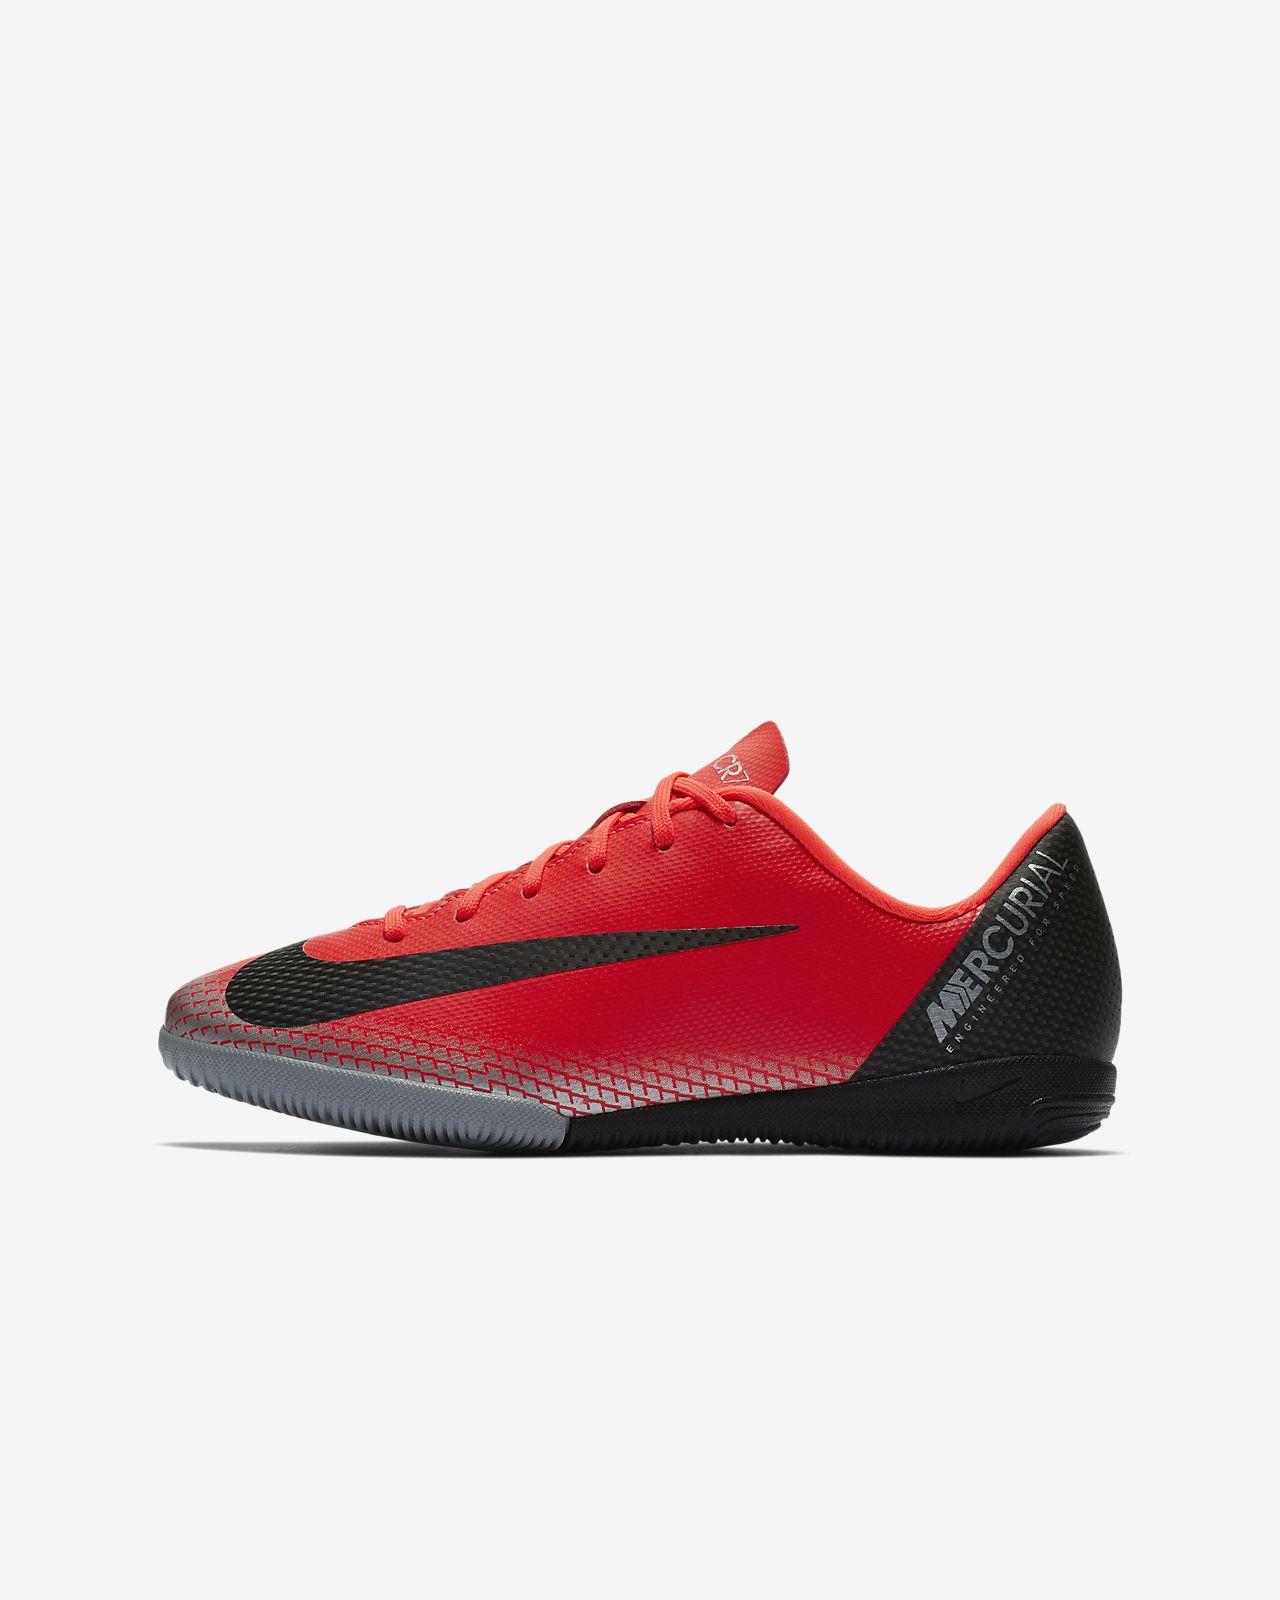 Sapatilhas de futsal Nike Jr. MercurialX Vapor XII Academy CR7 para criança/Júnior